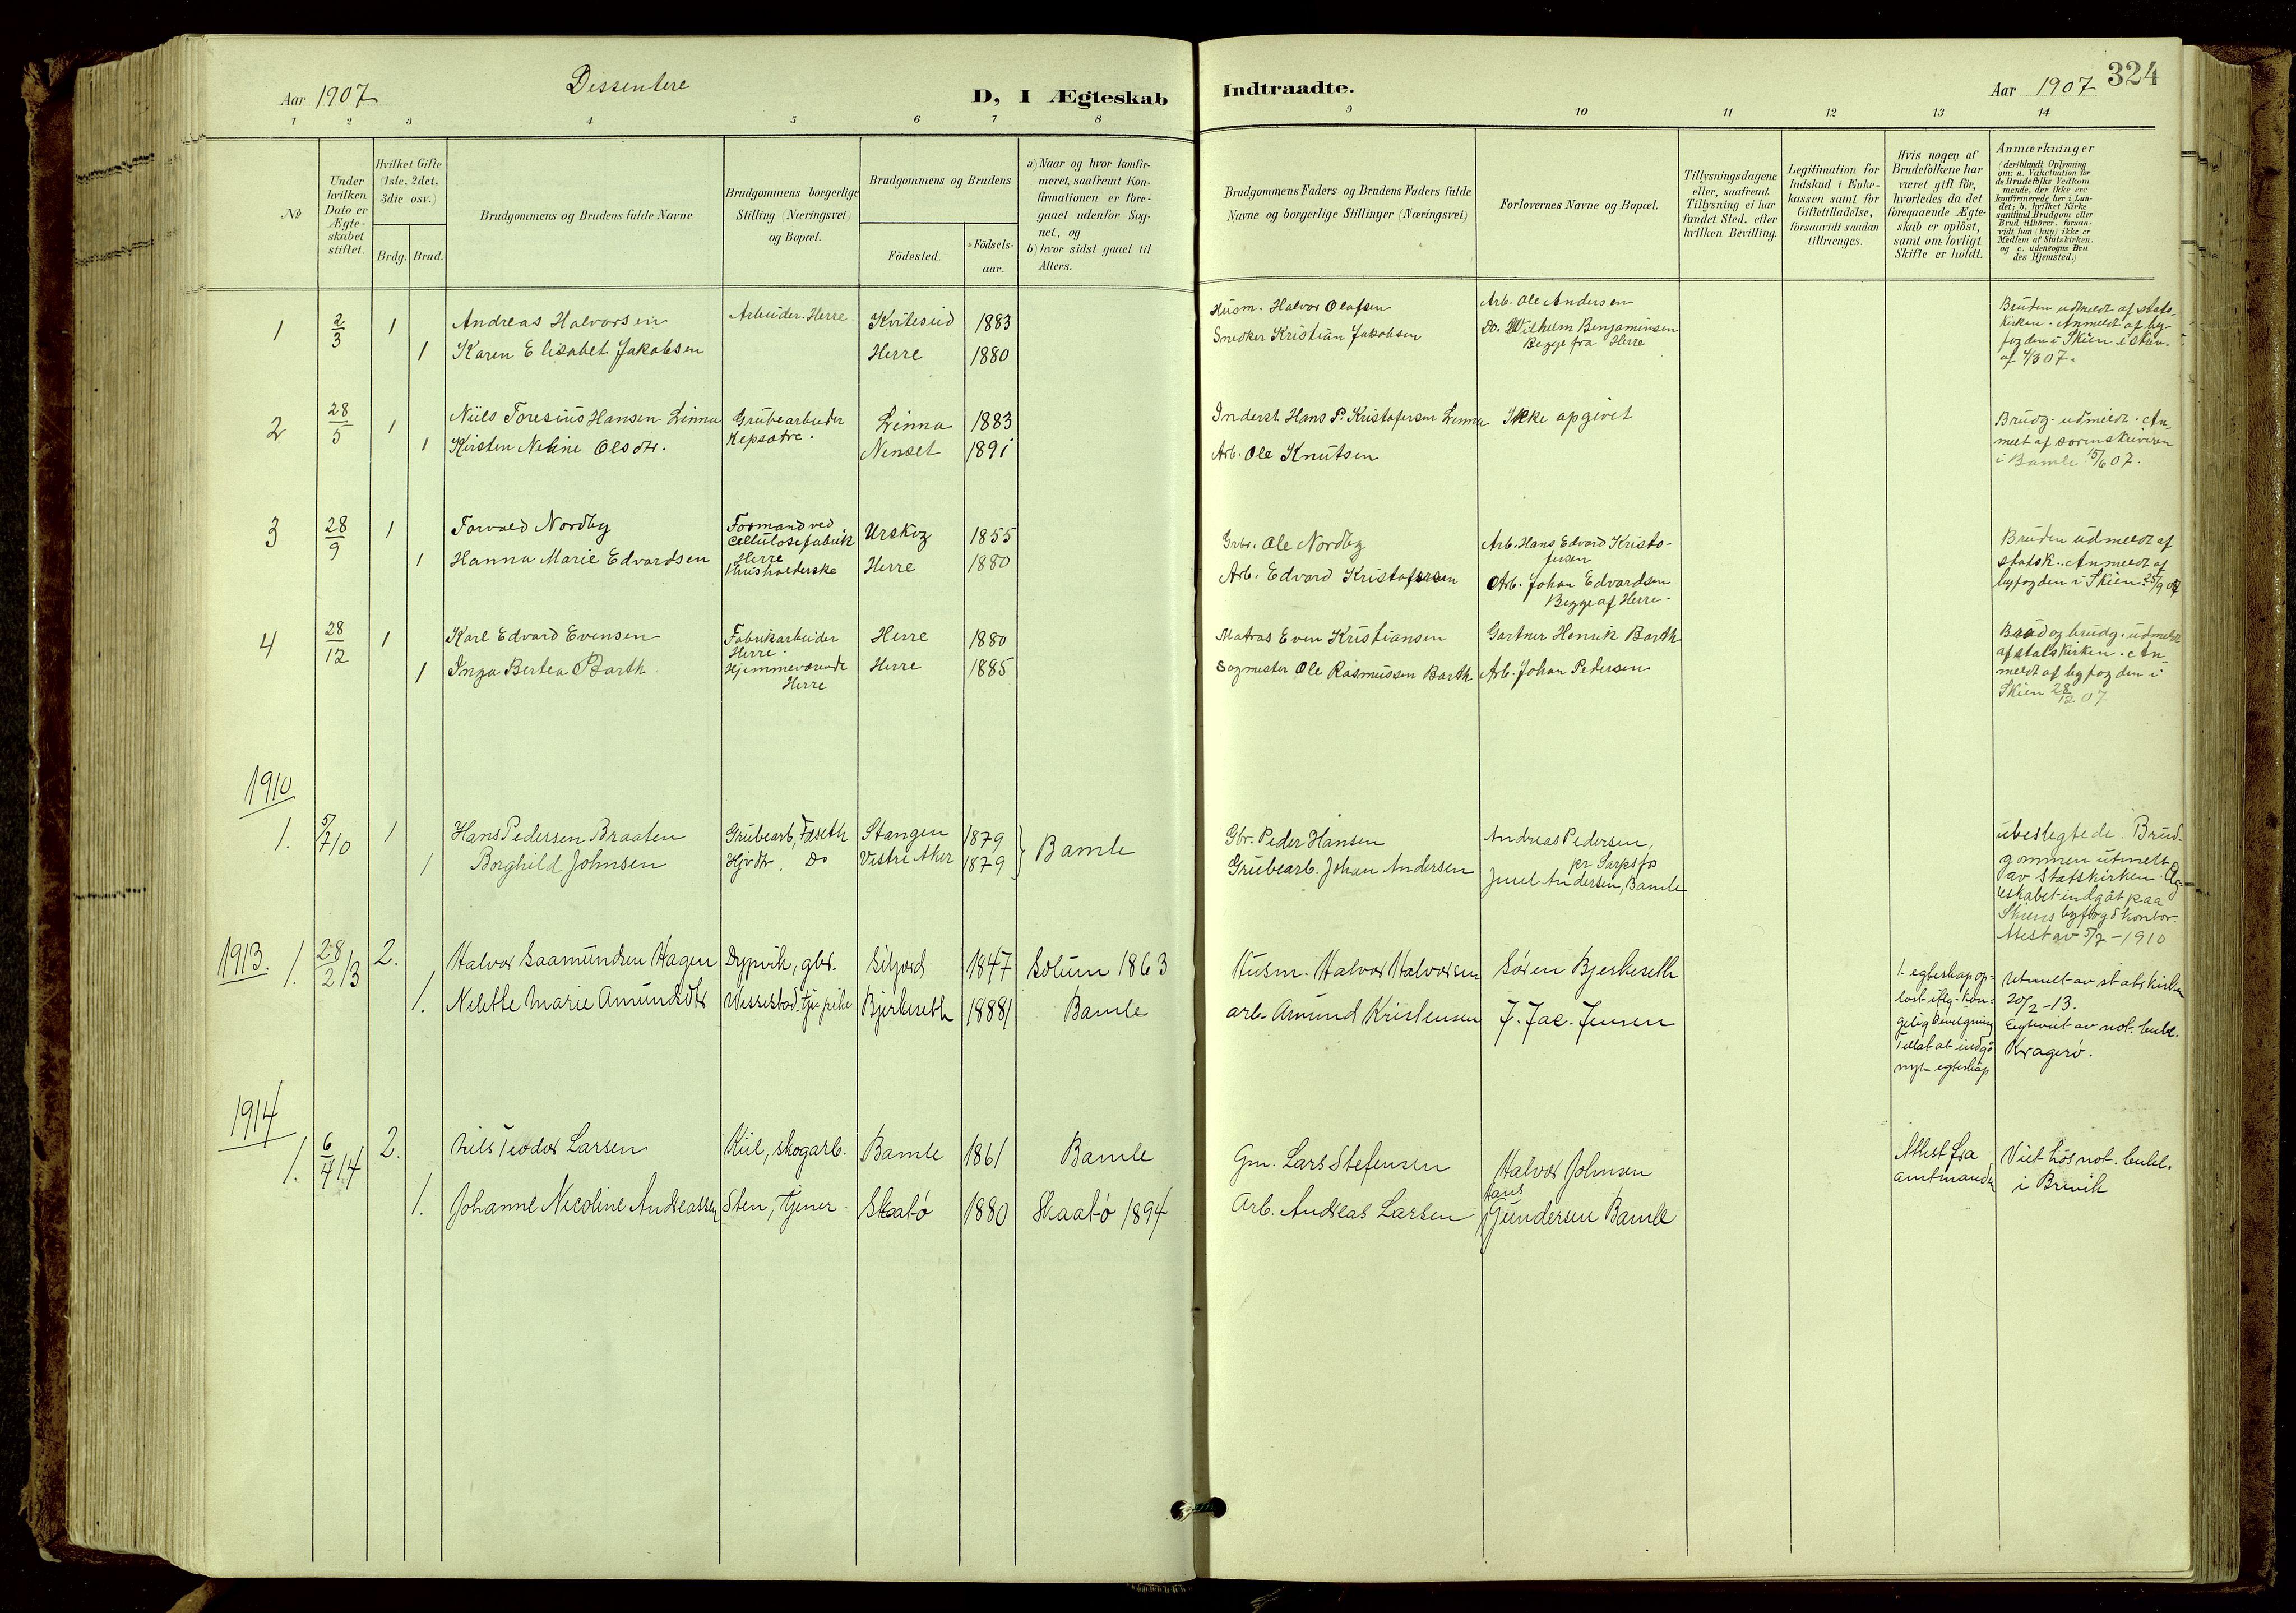 SAKO, Bamble kirkebøker, G/Ga/L0010: Klokkerbok nr. I 10, 1901-1919, s. 324